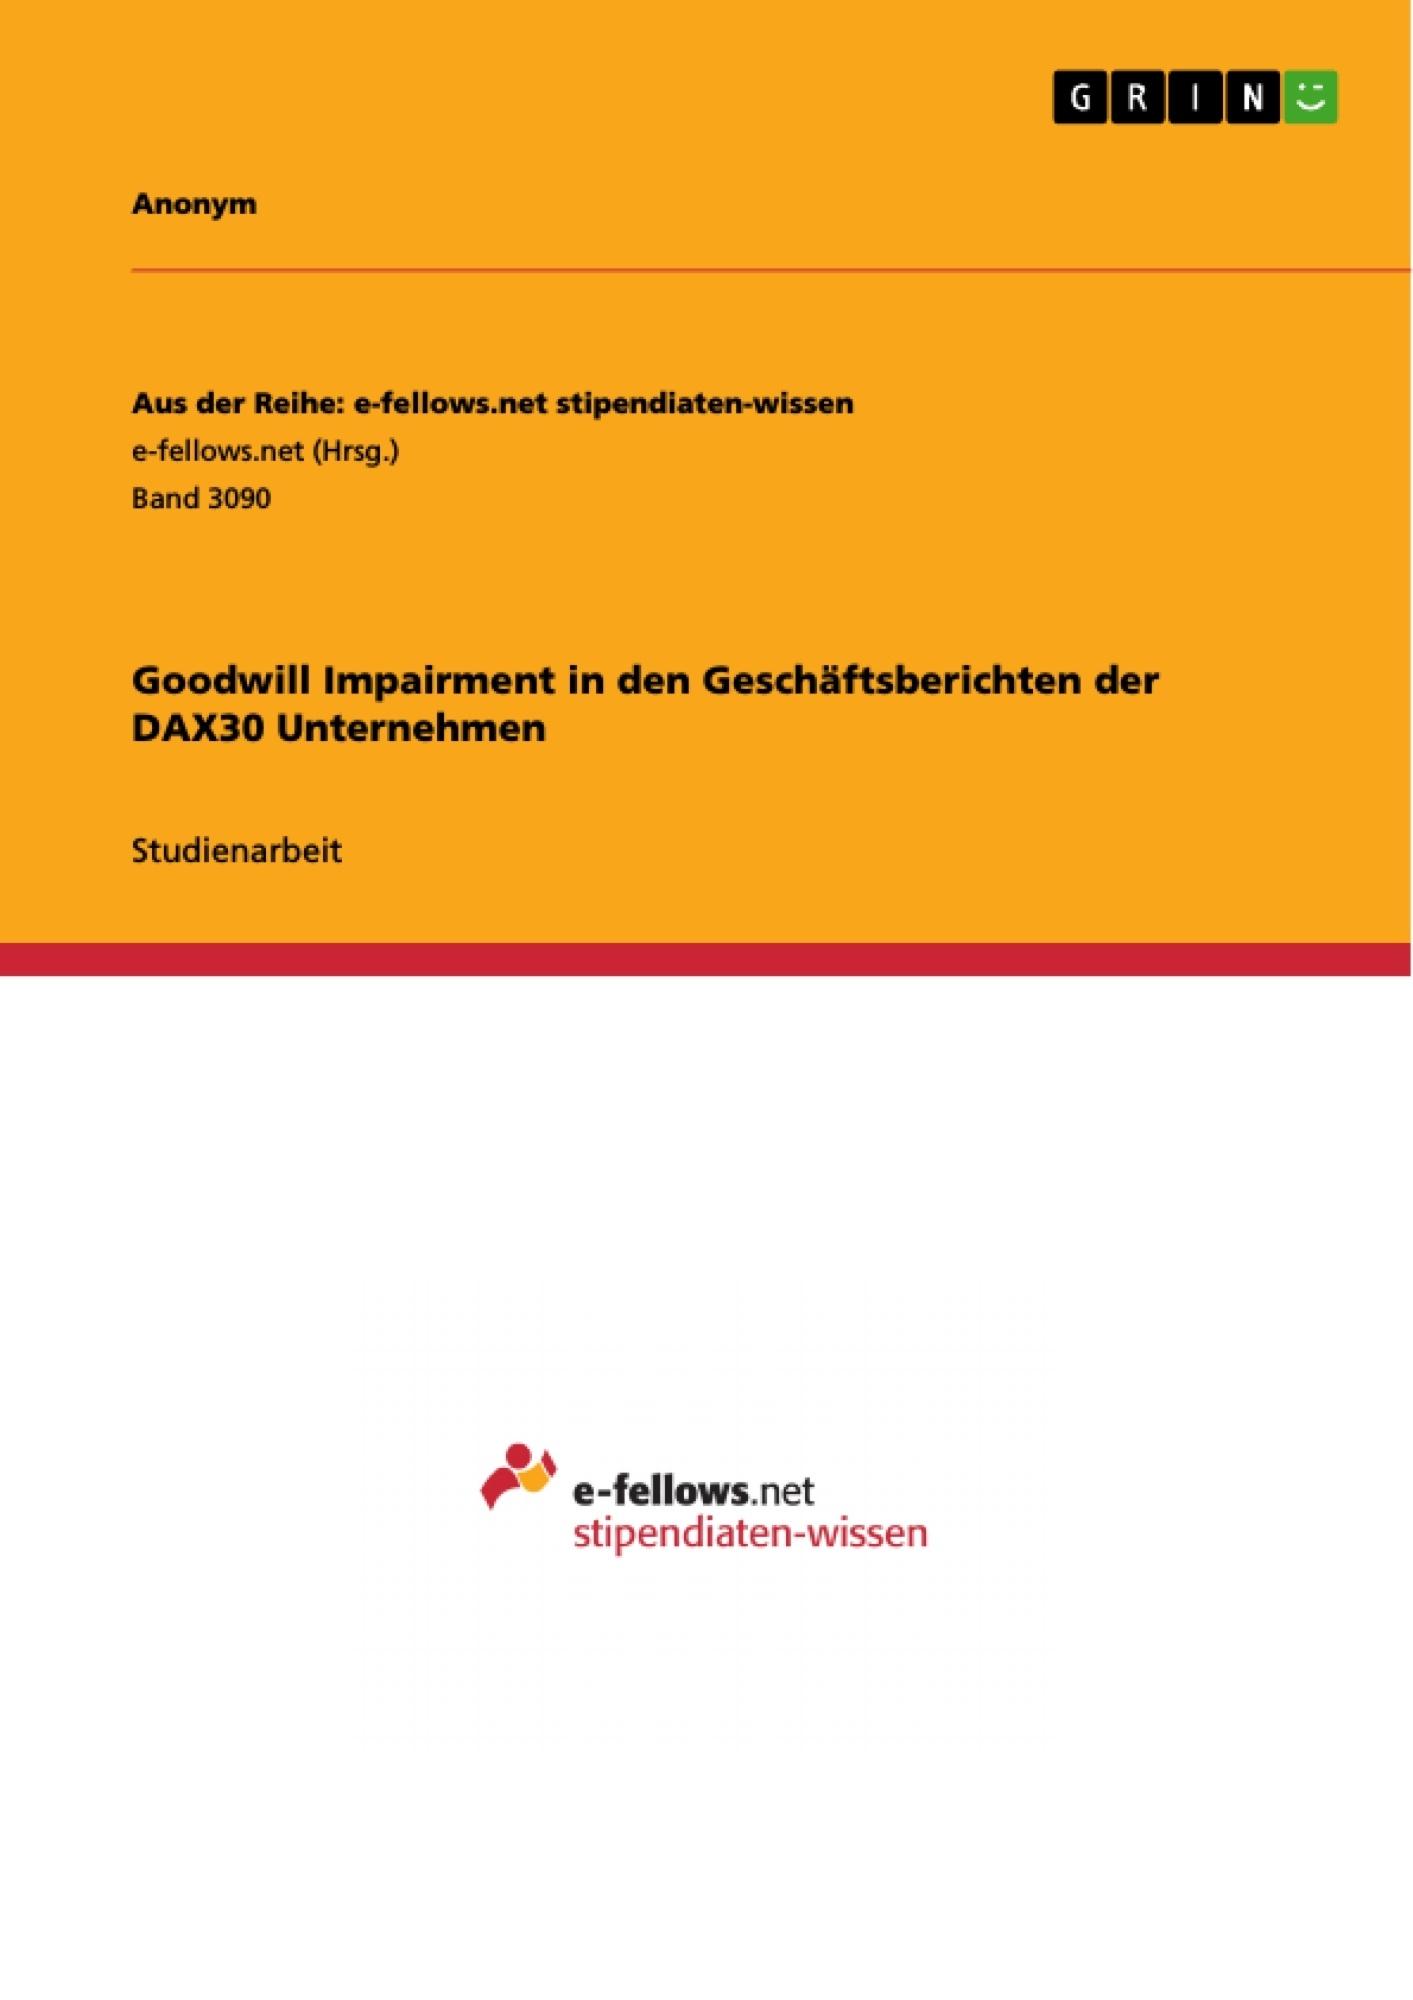 Titel: Goodwill Impairment in den Geschäftsberichten der DAX30 Unternehmen